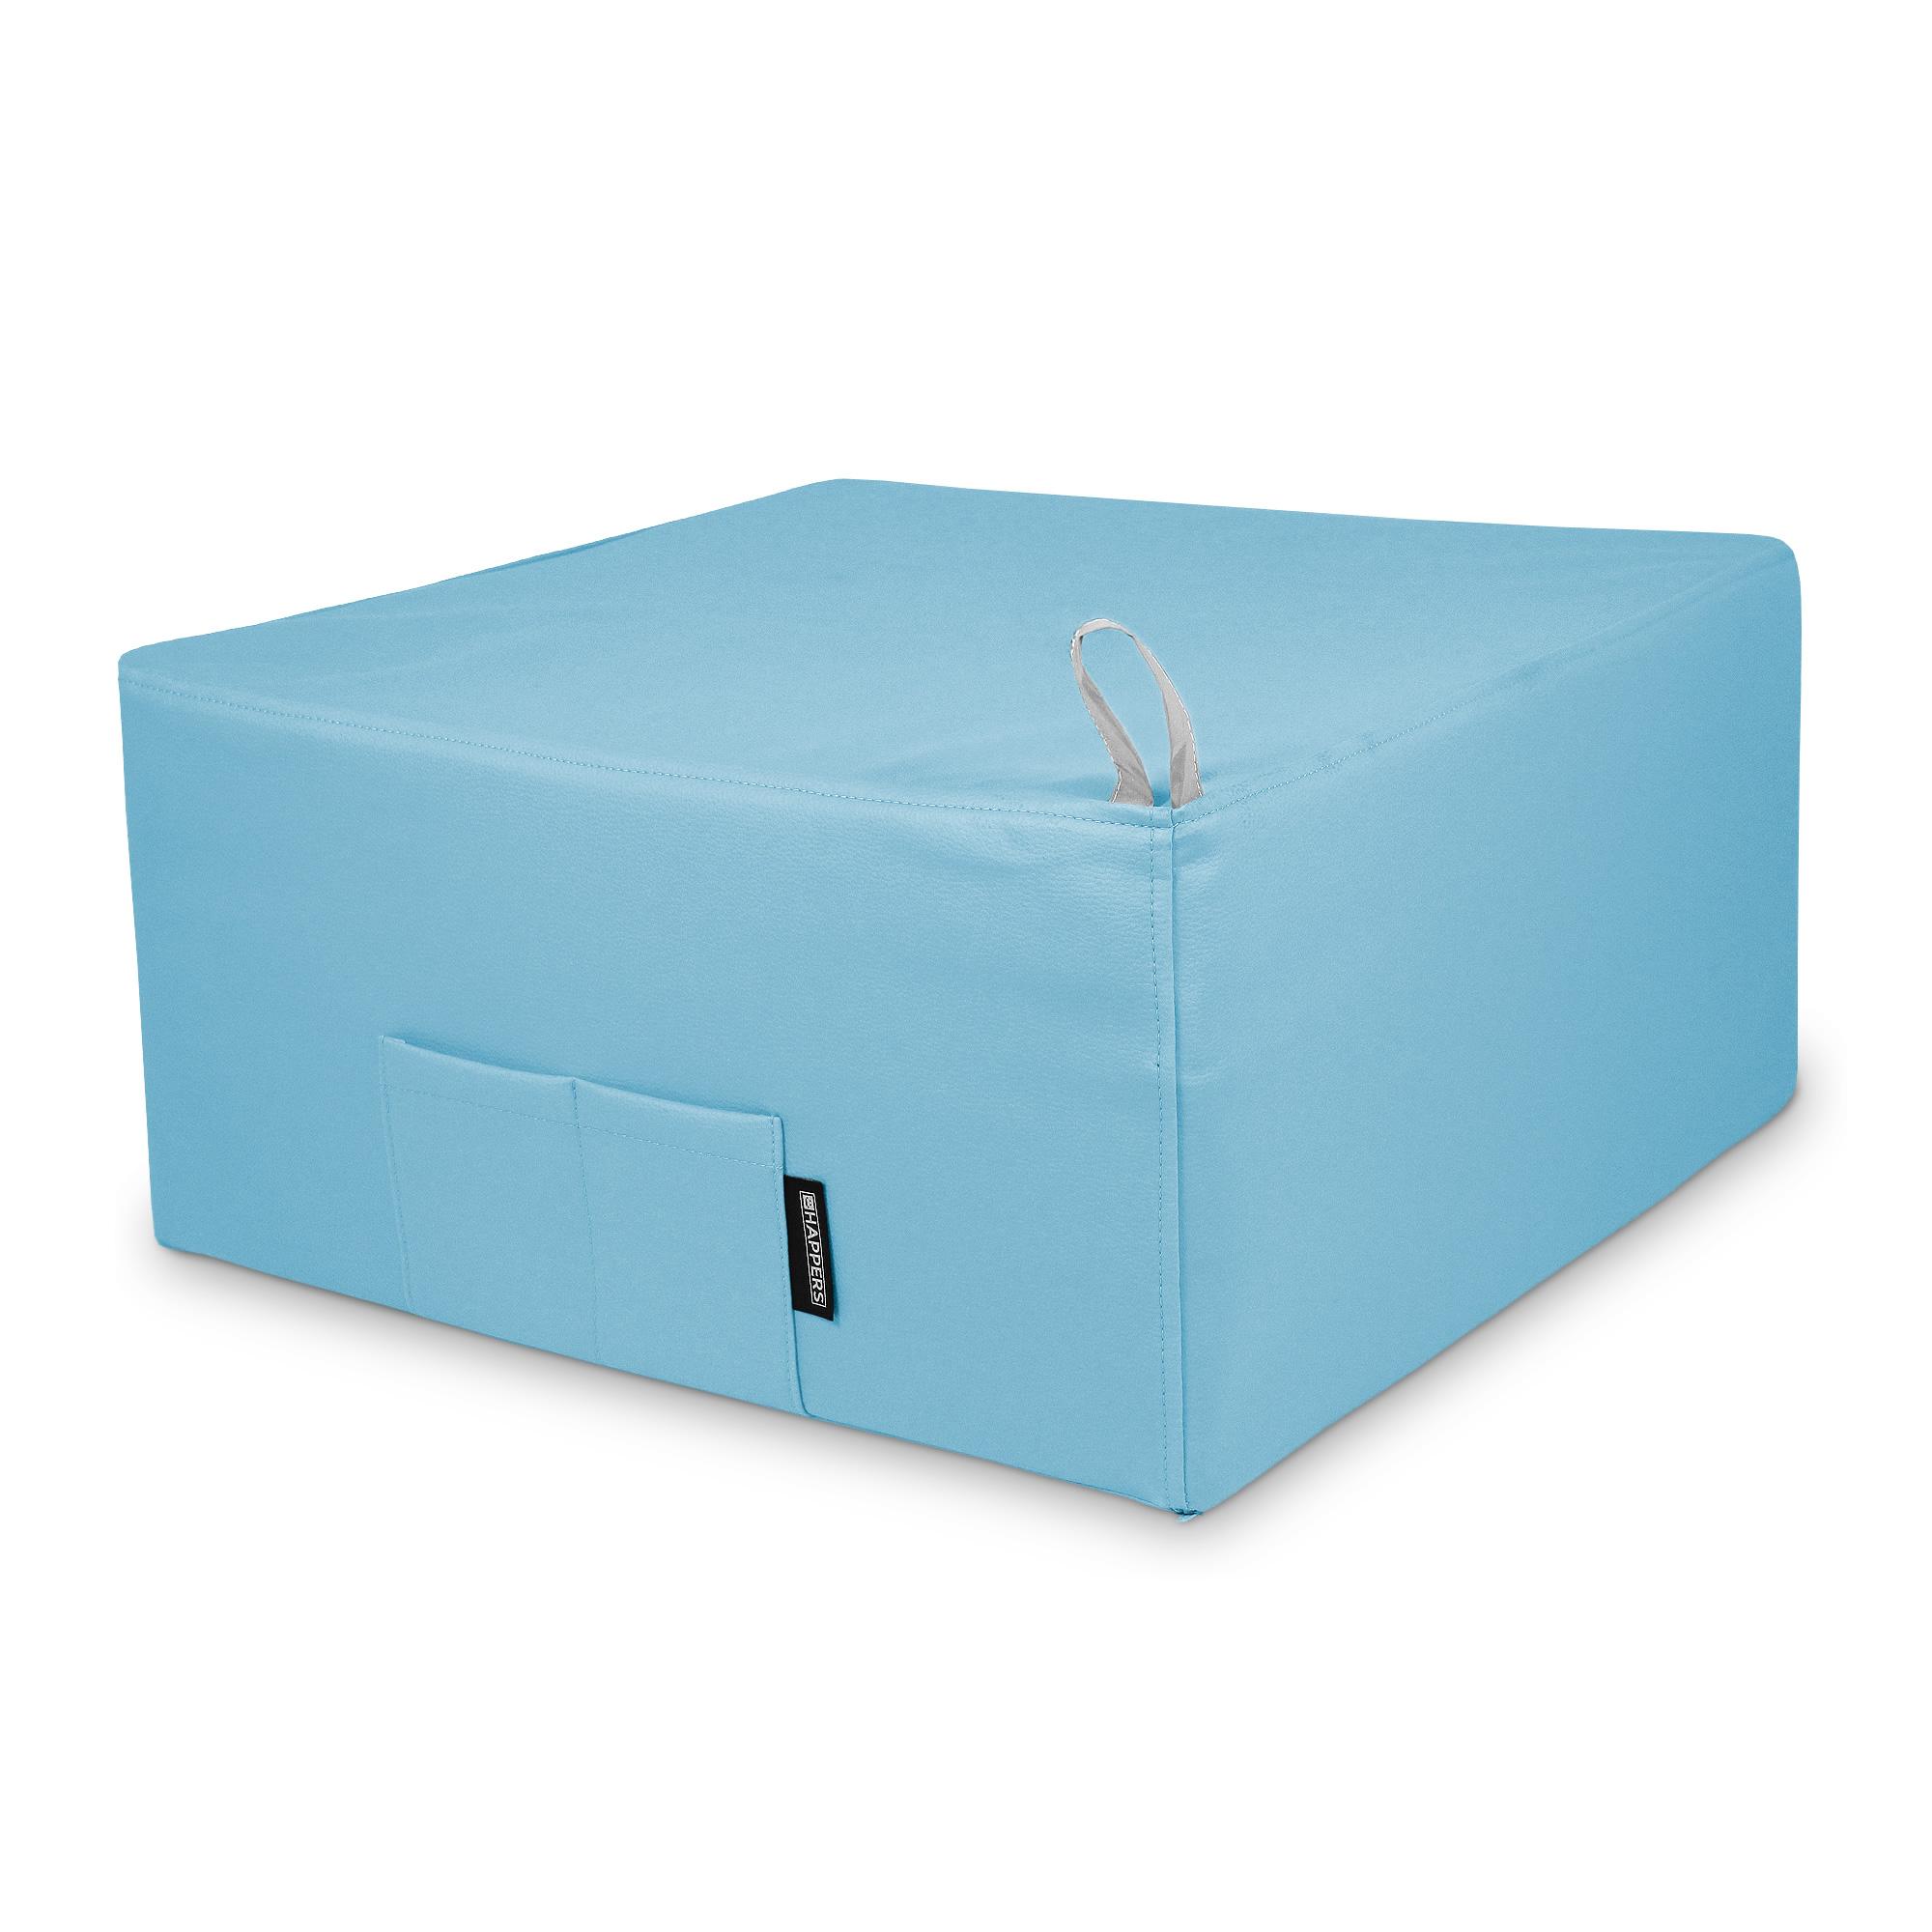 Puff Cama Individual para una persona Polipiel Indoor Azul Cielo en puffdepera.com